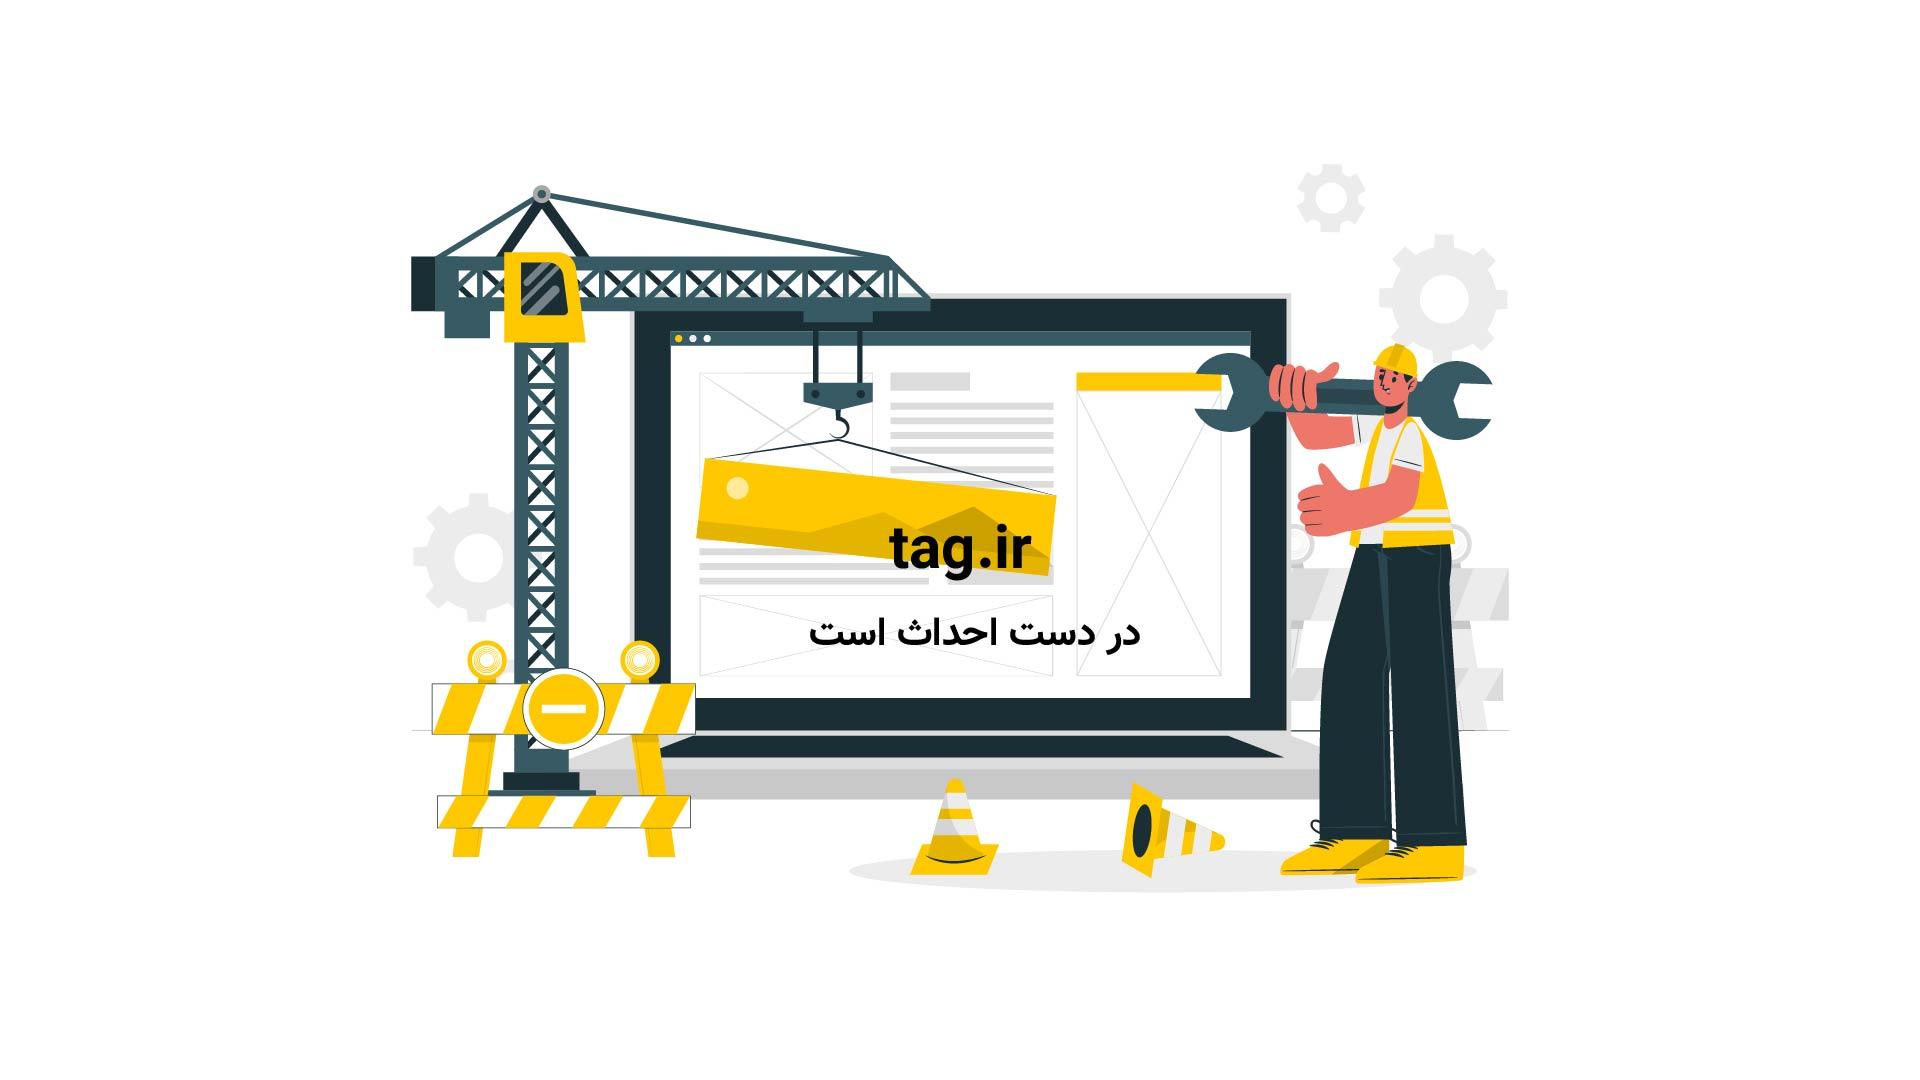 تعویض پرچم حضرت زینب | تگ